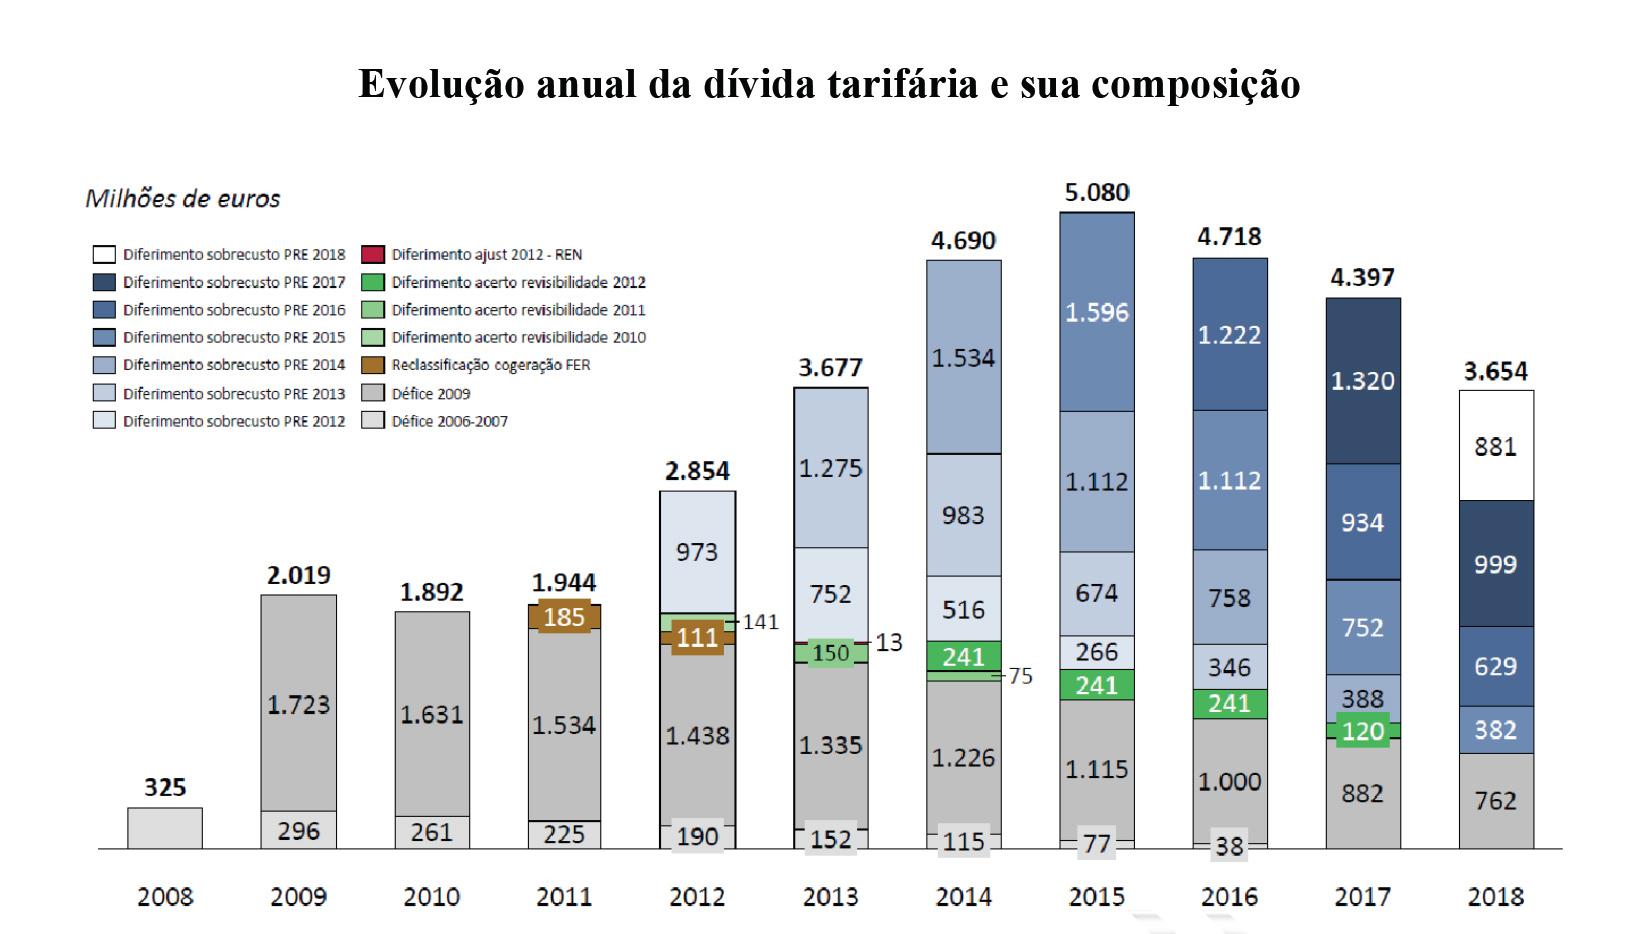 Evolução da dívida tarifária